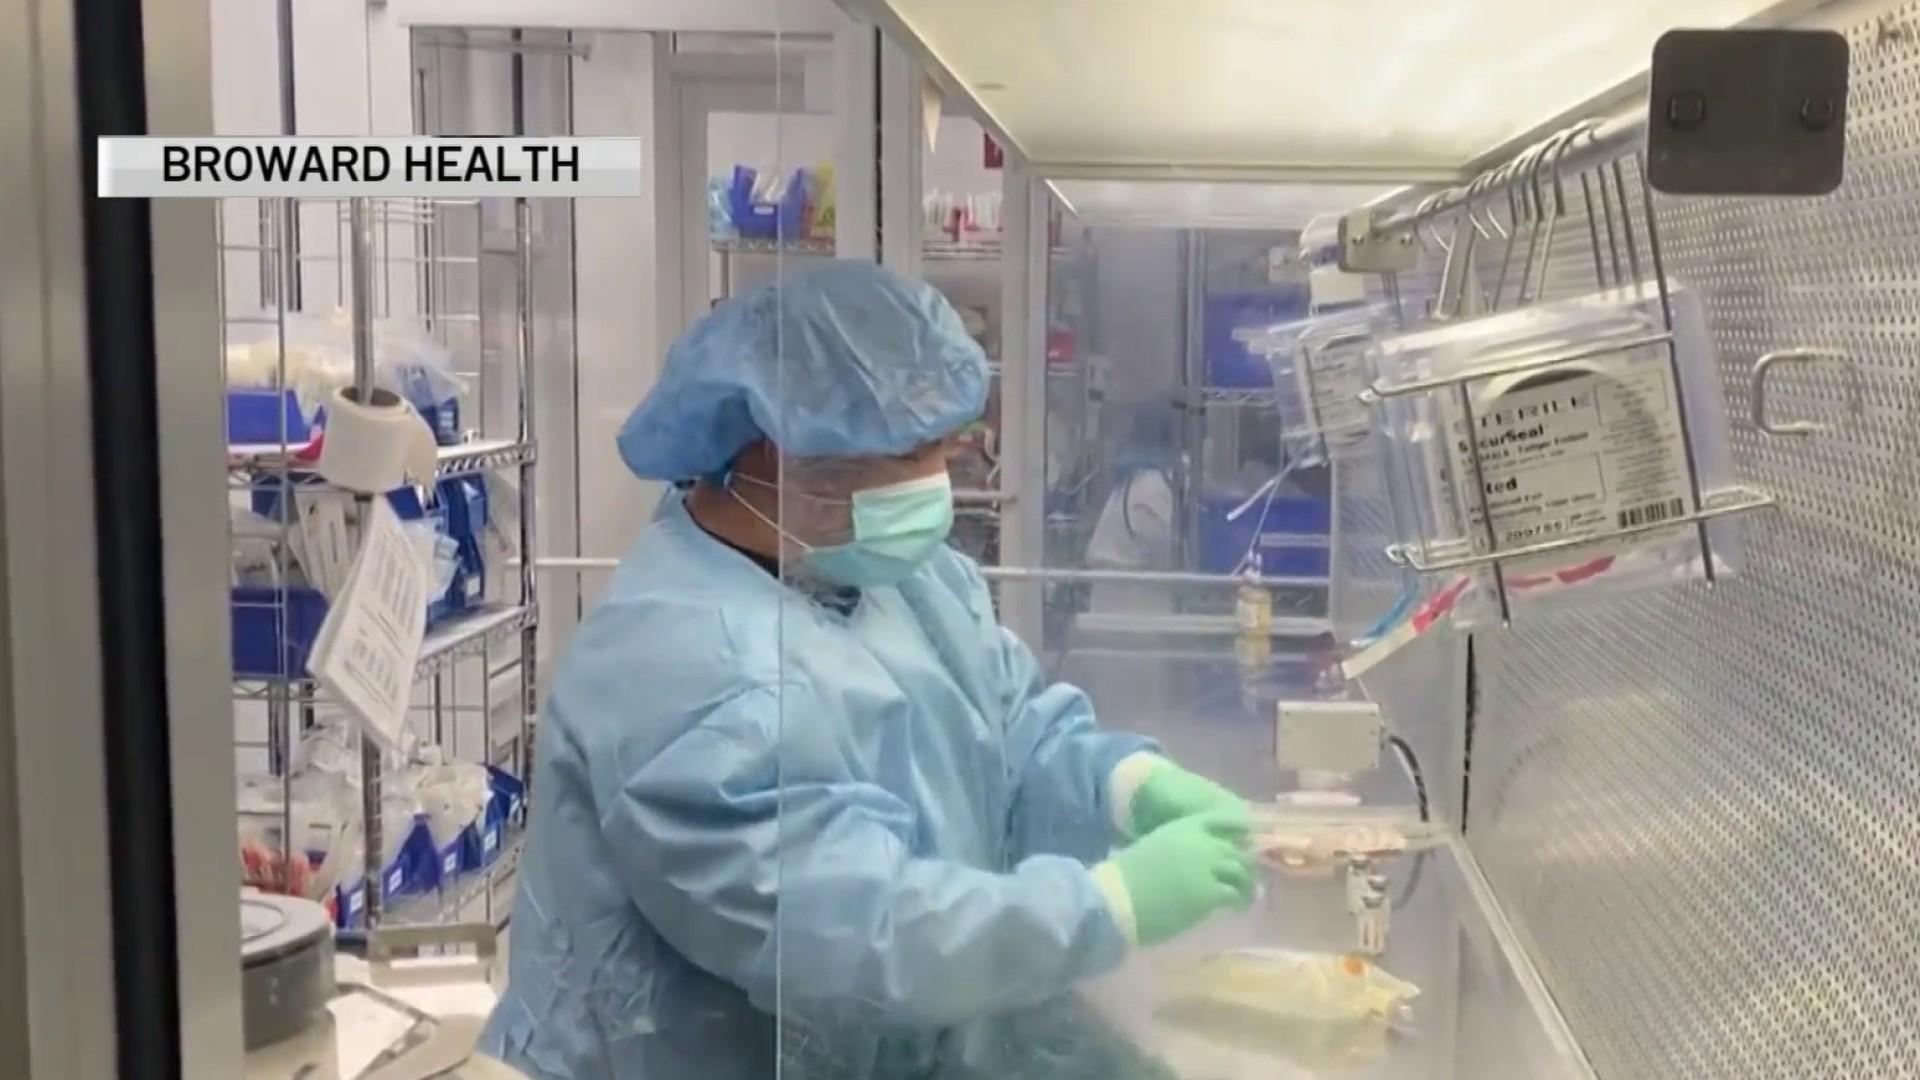 Broward Health administra un nuevo tratamiento con anticuerpos para pacientes con COVID-19